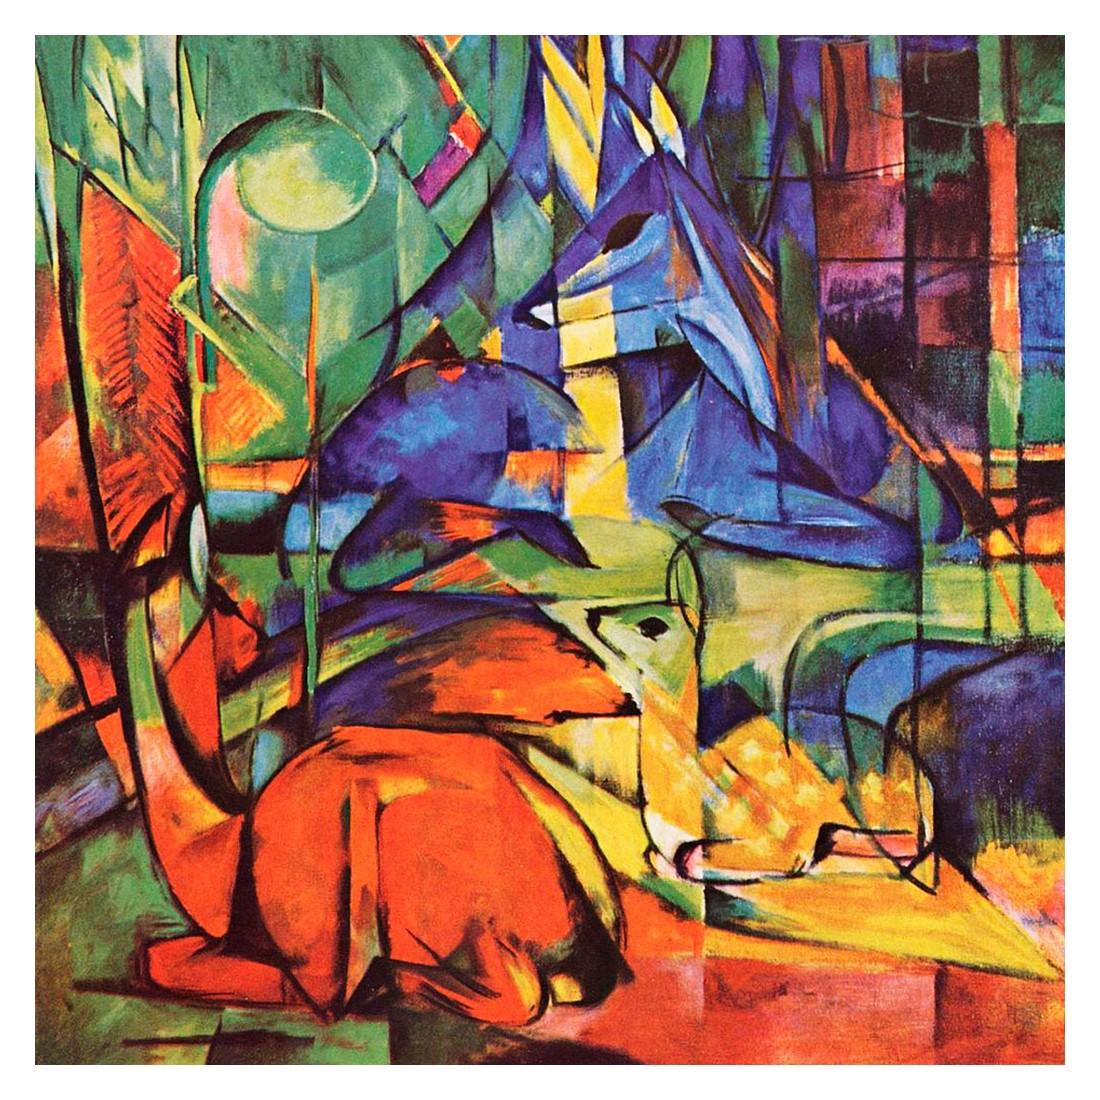 Ölgemälde Rehe im Walde II von Franz Marc – Größe 30 x 30 cm, yourPainting günstig